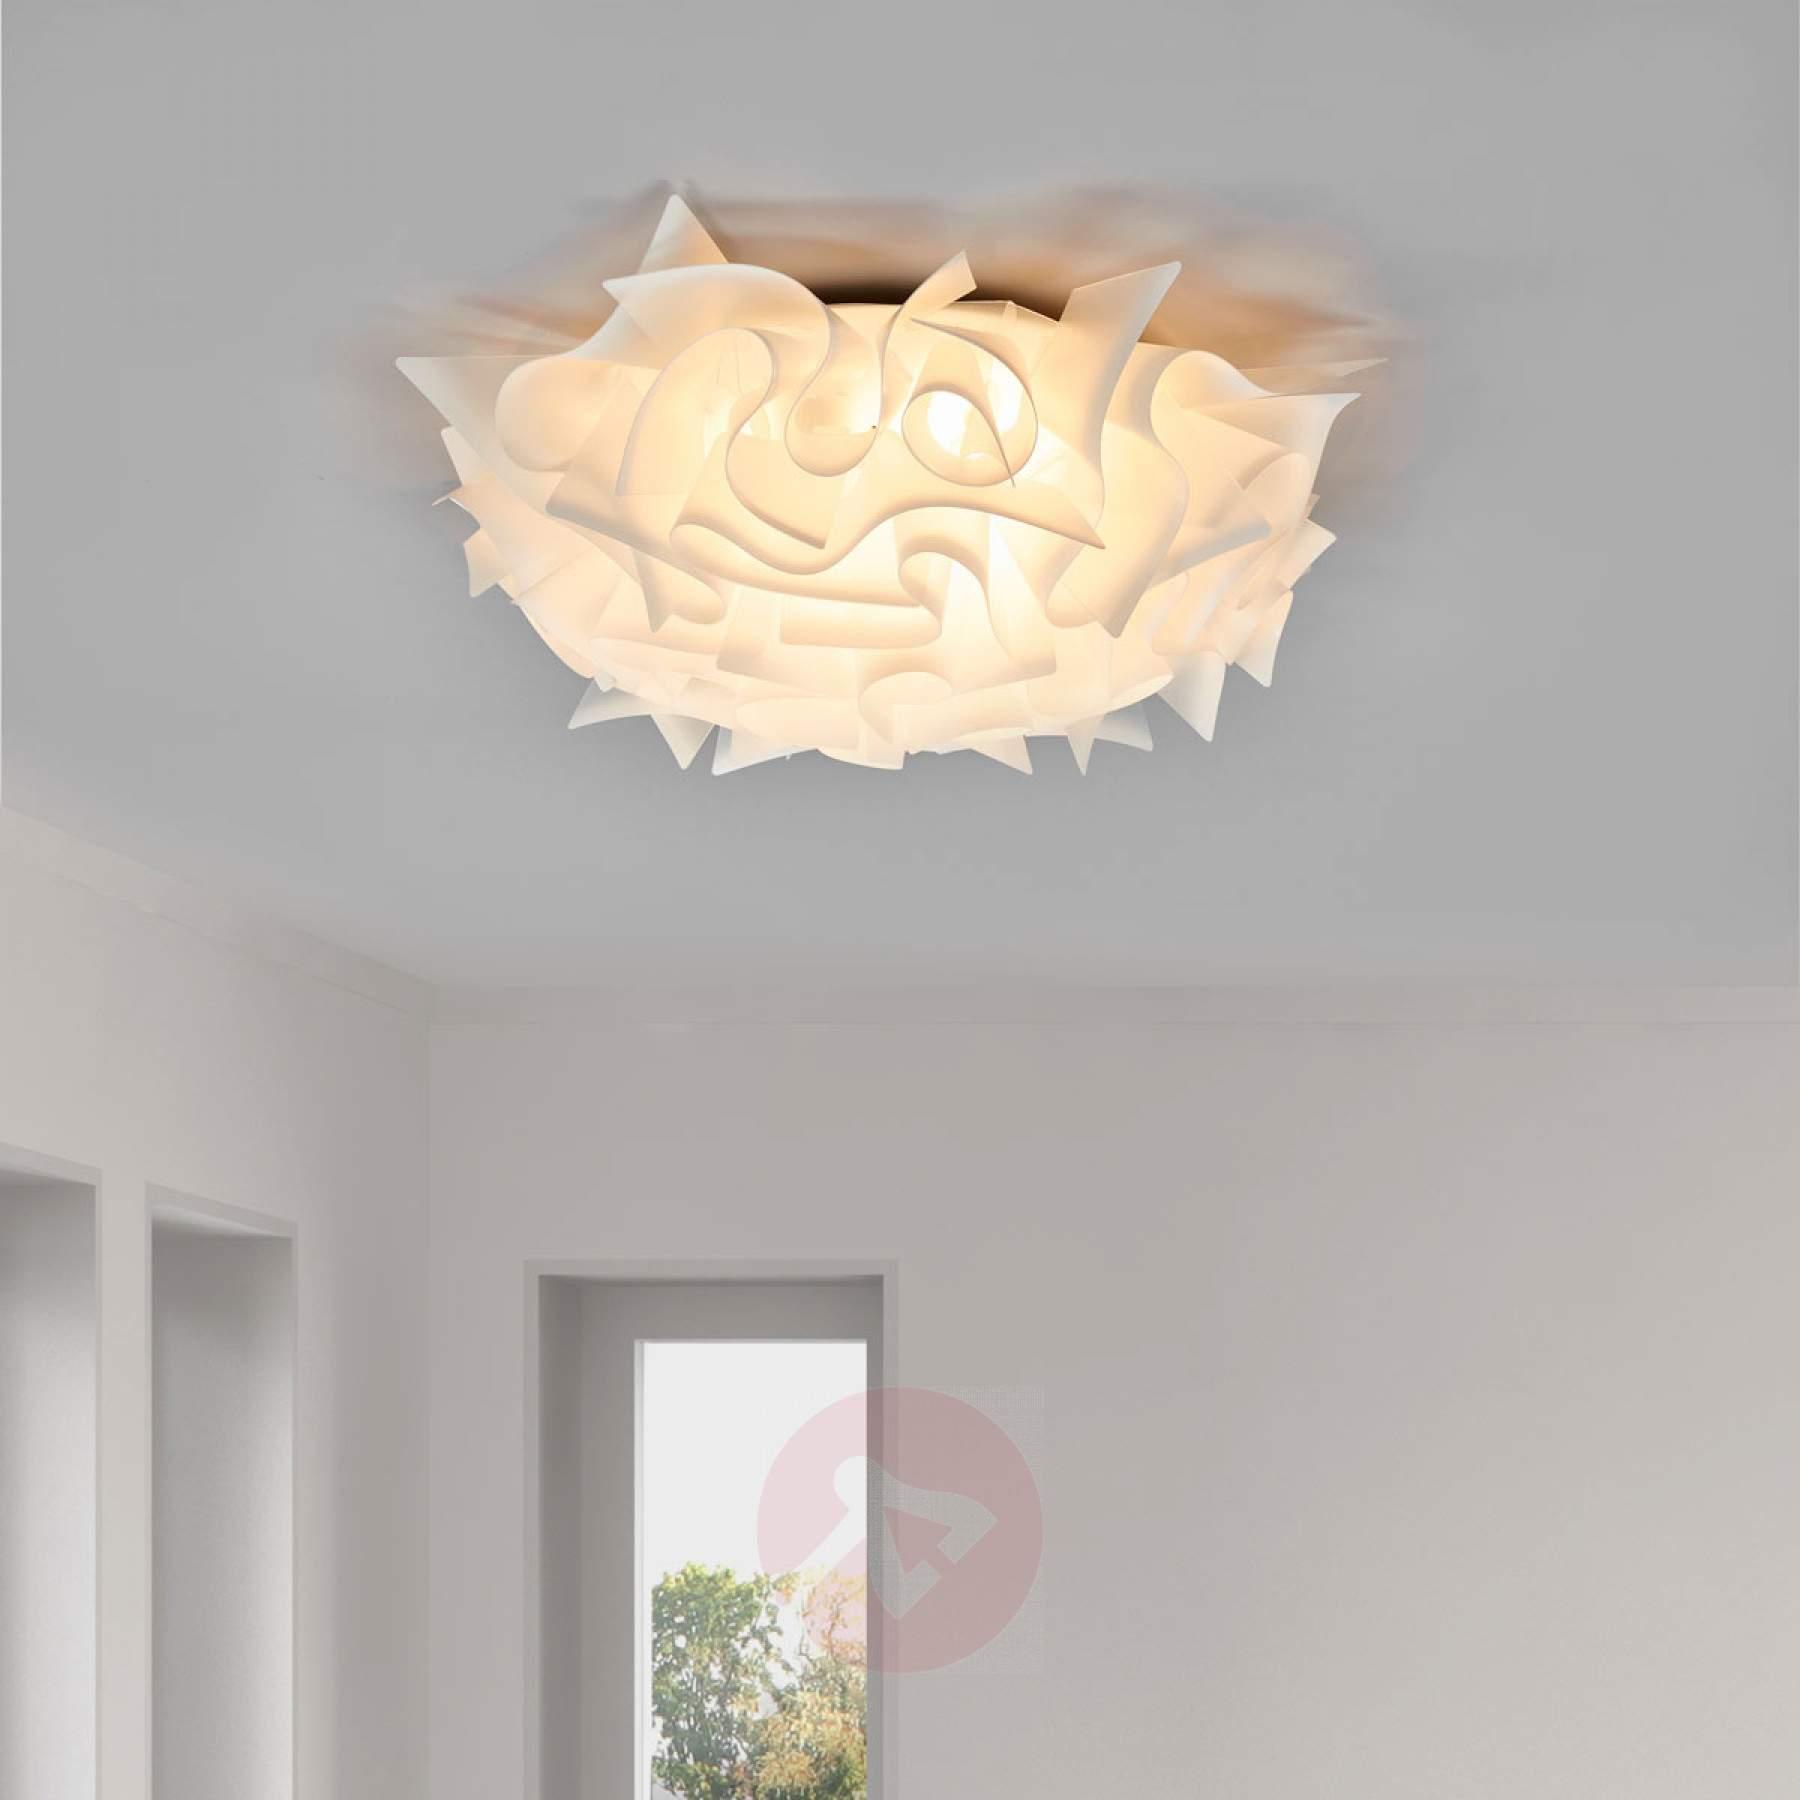 Full Size of Slamp Veli Medium Design Deckenleuchte Teppich Schlafzimmer Led Landhausstil Günstige Klimagerät Für Komplett Günstig Deckenlampe Wandtattoo Wohnzimmer Schlafzimmer Deckenleuchte Schlafzimmer